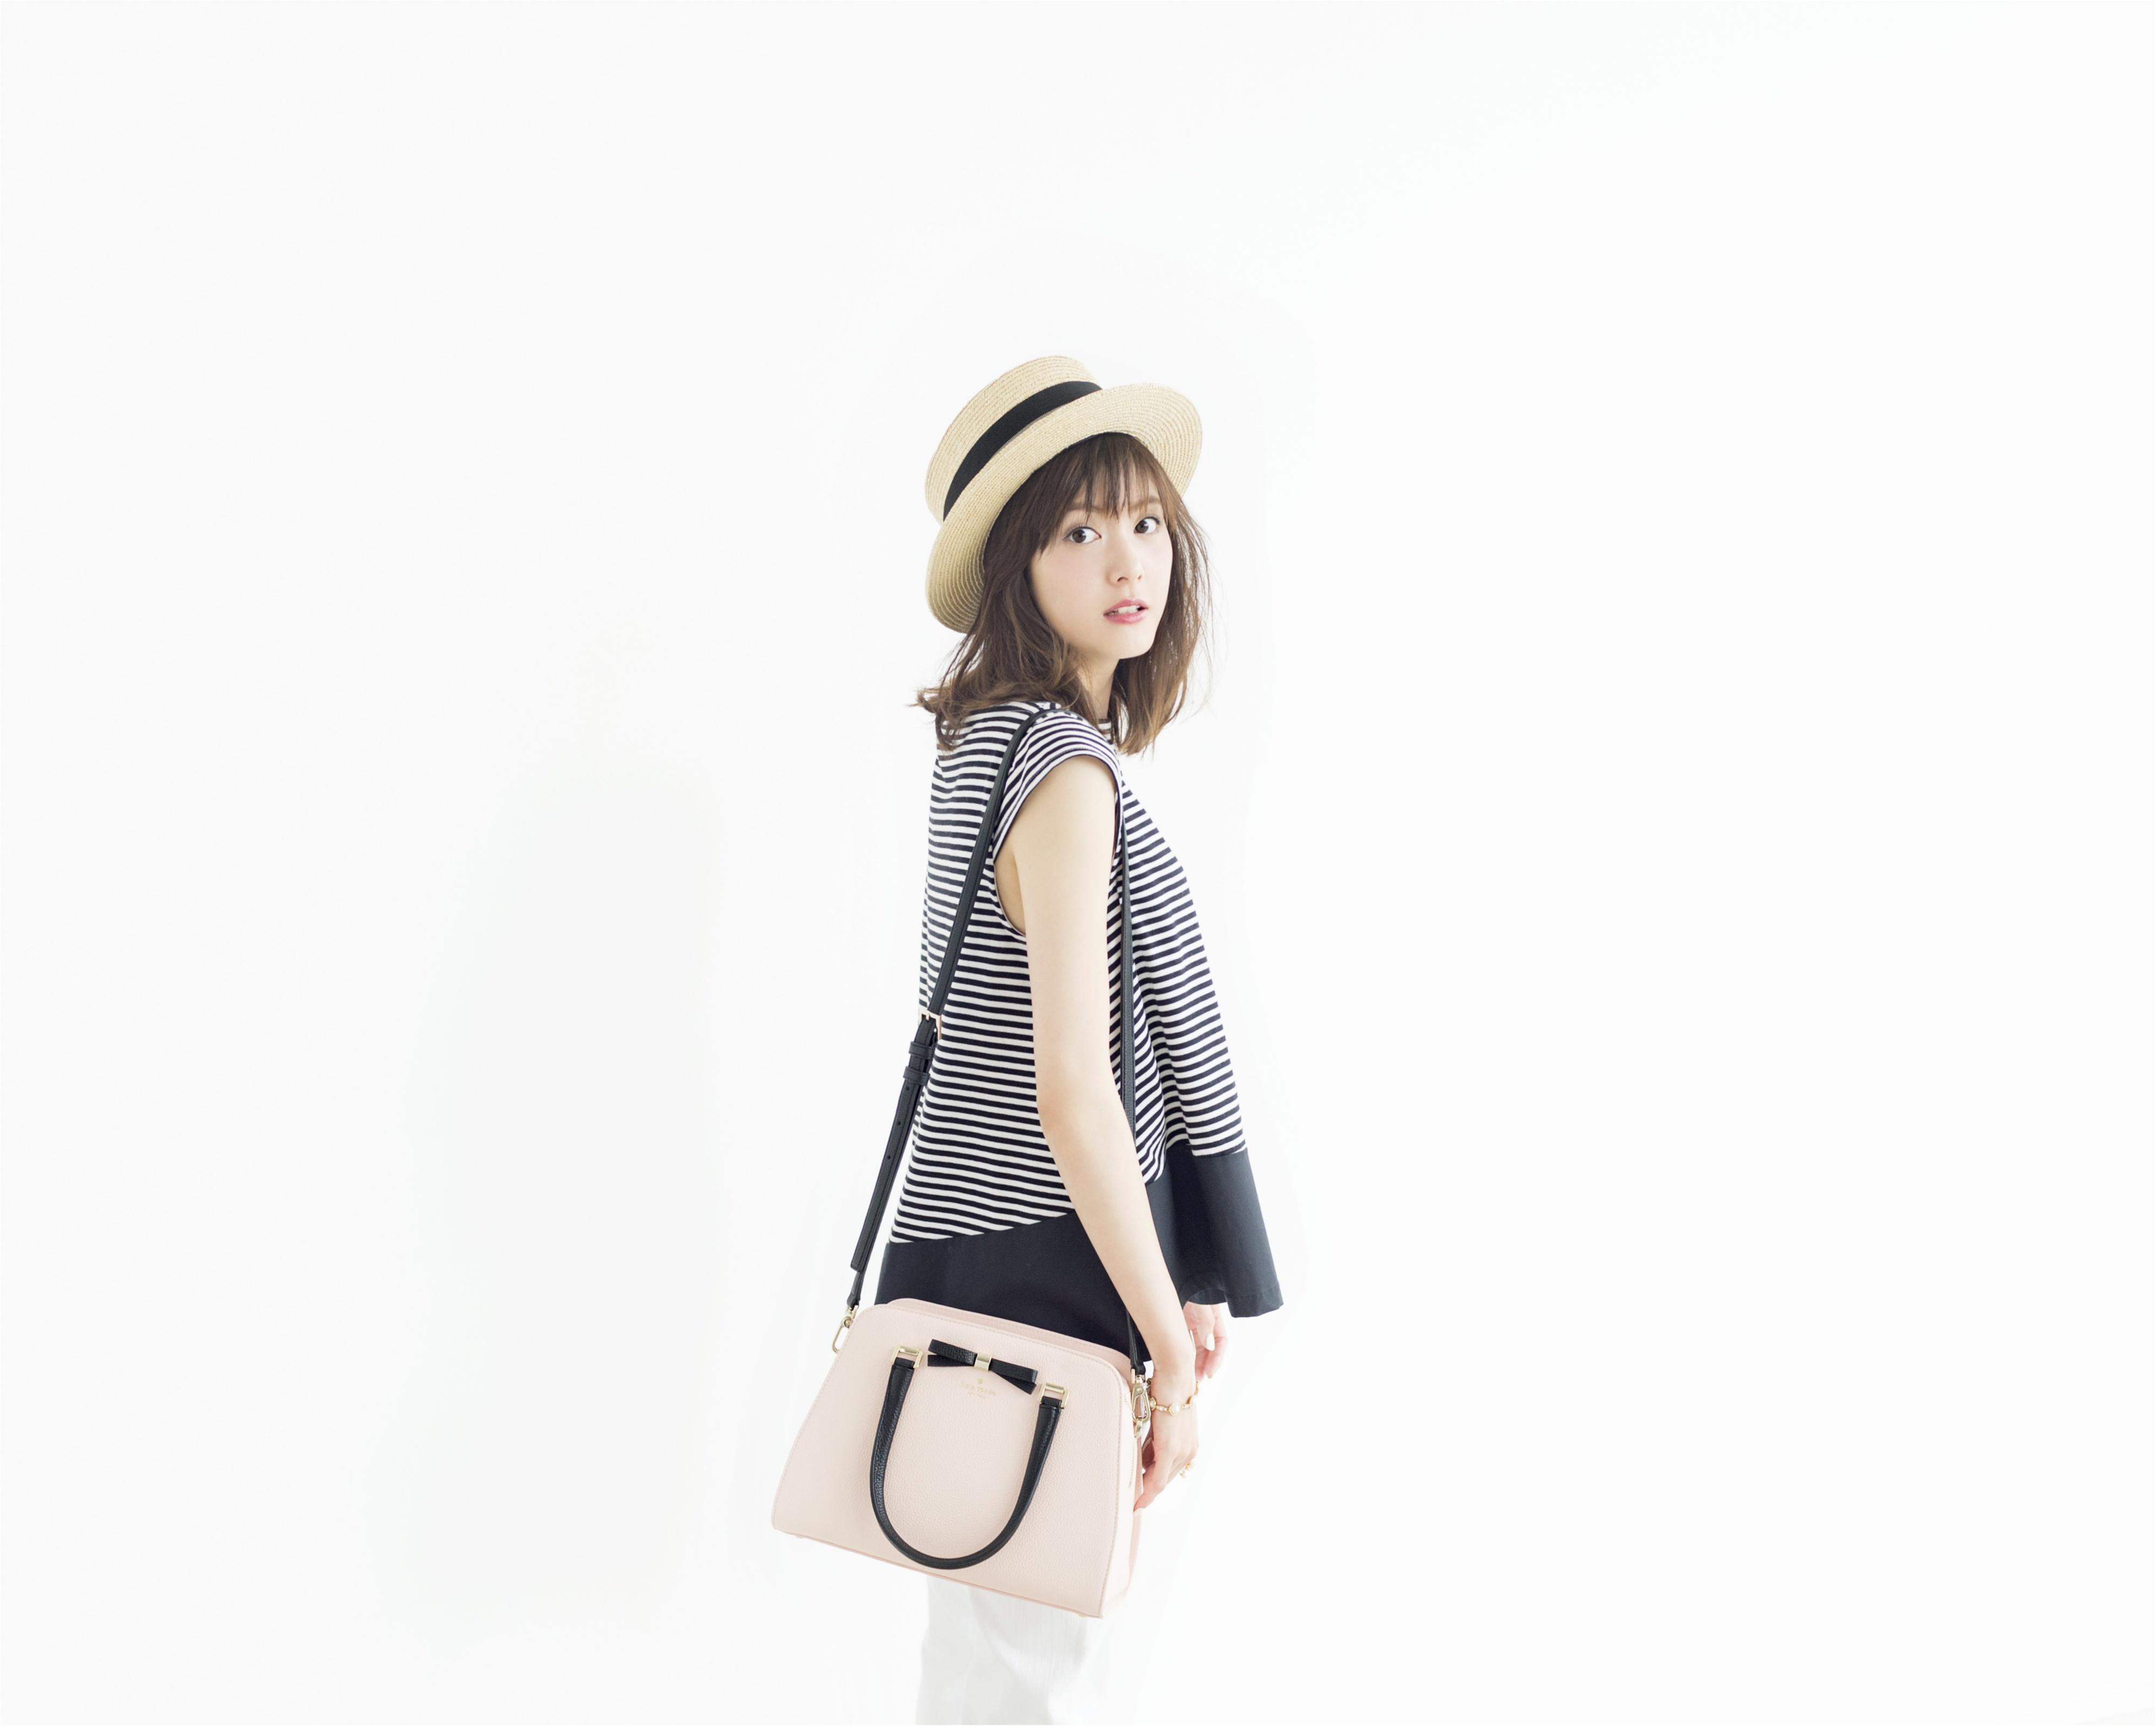 【応募終了】「ケイト・スペード ニューヨーク」最新バッグ&ウォレットを計42名様にプレゼント!_1